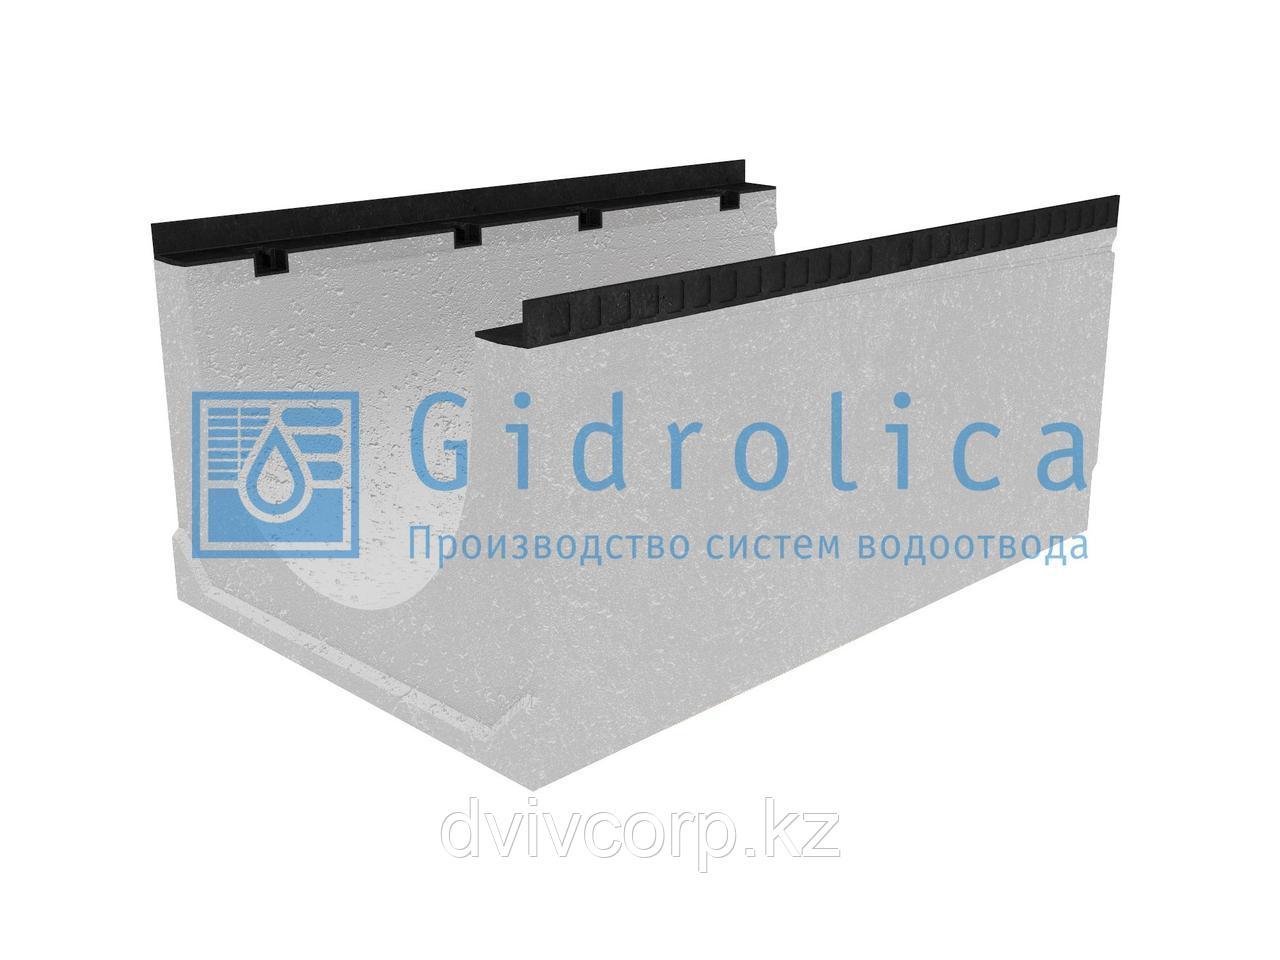 Лоток водоотводный бетонный коробчатый (СО-500мм), с уклоном 0,5%  КUу 100.65(50).46(37) - BGМ, № 2